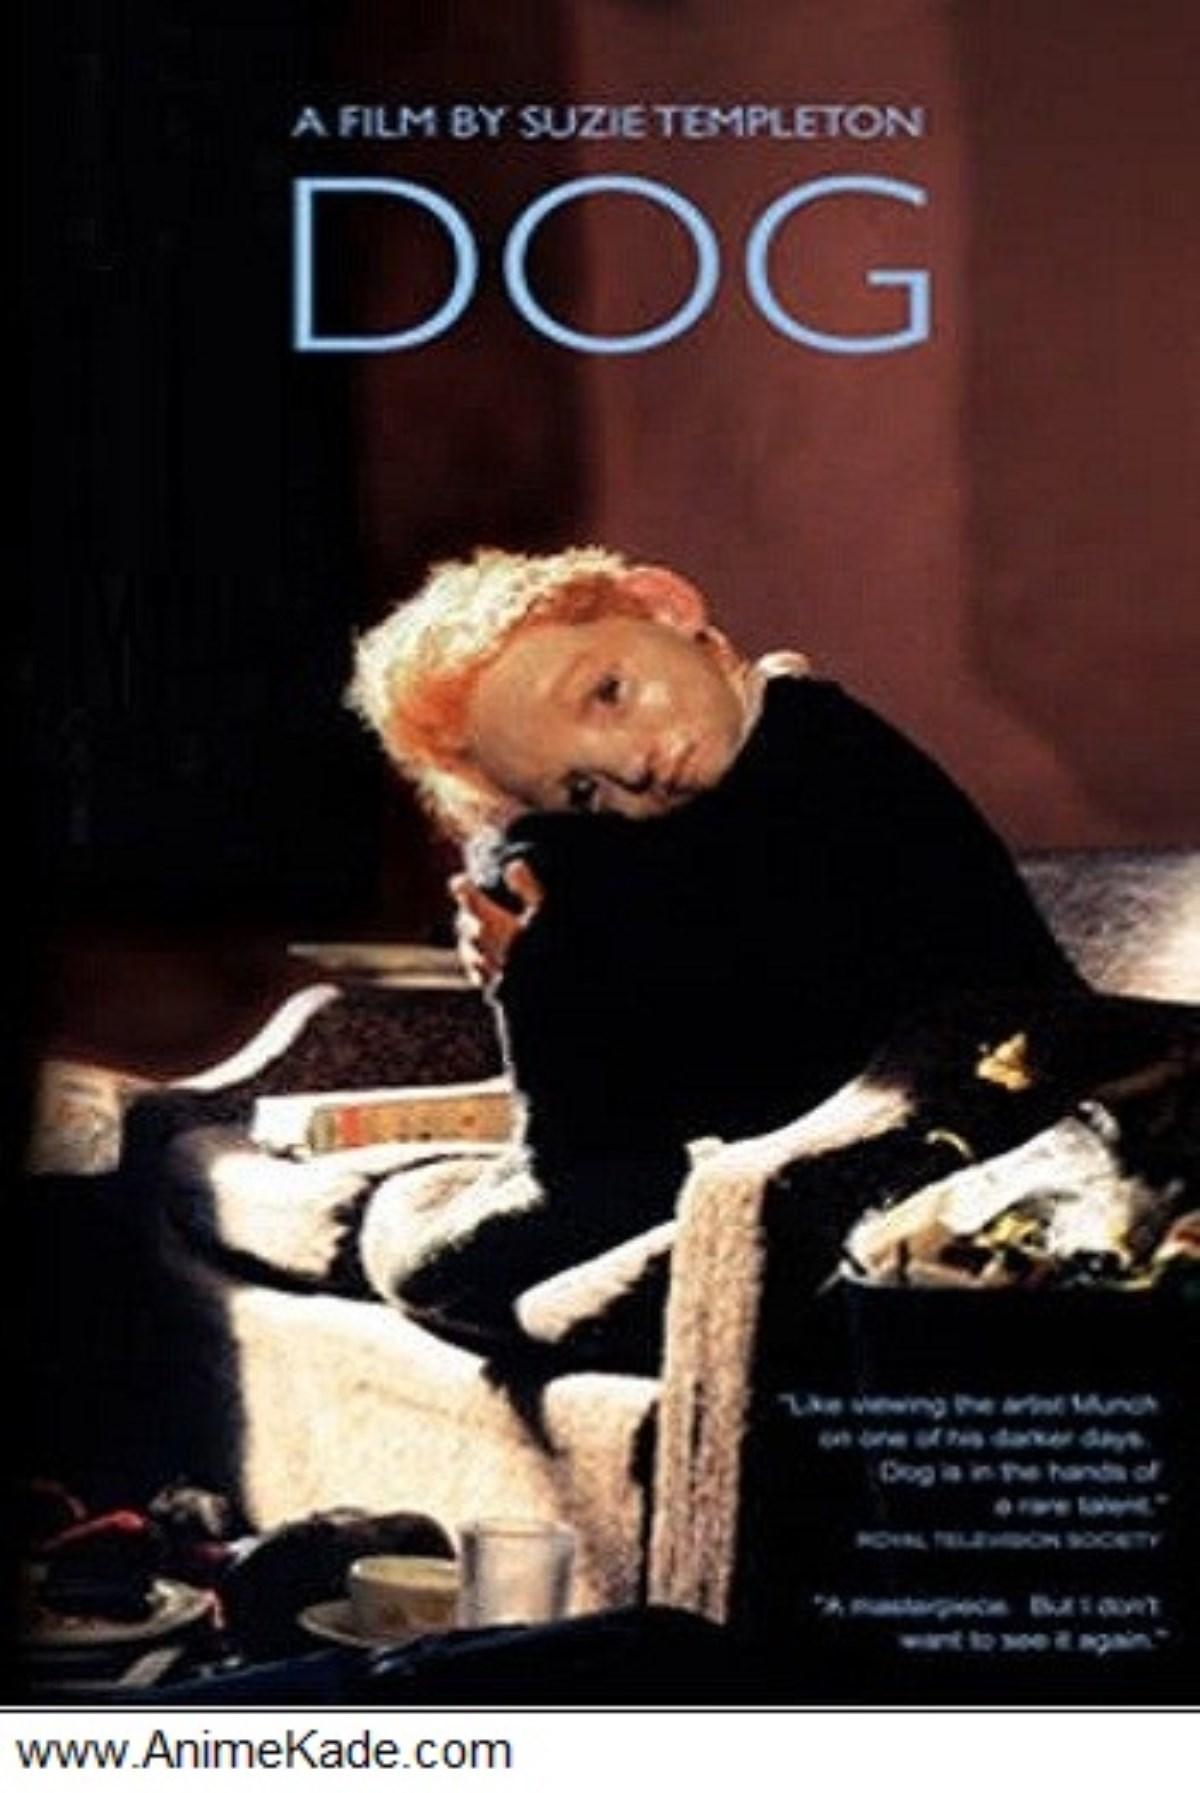 سگ Dog